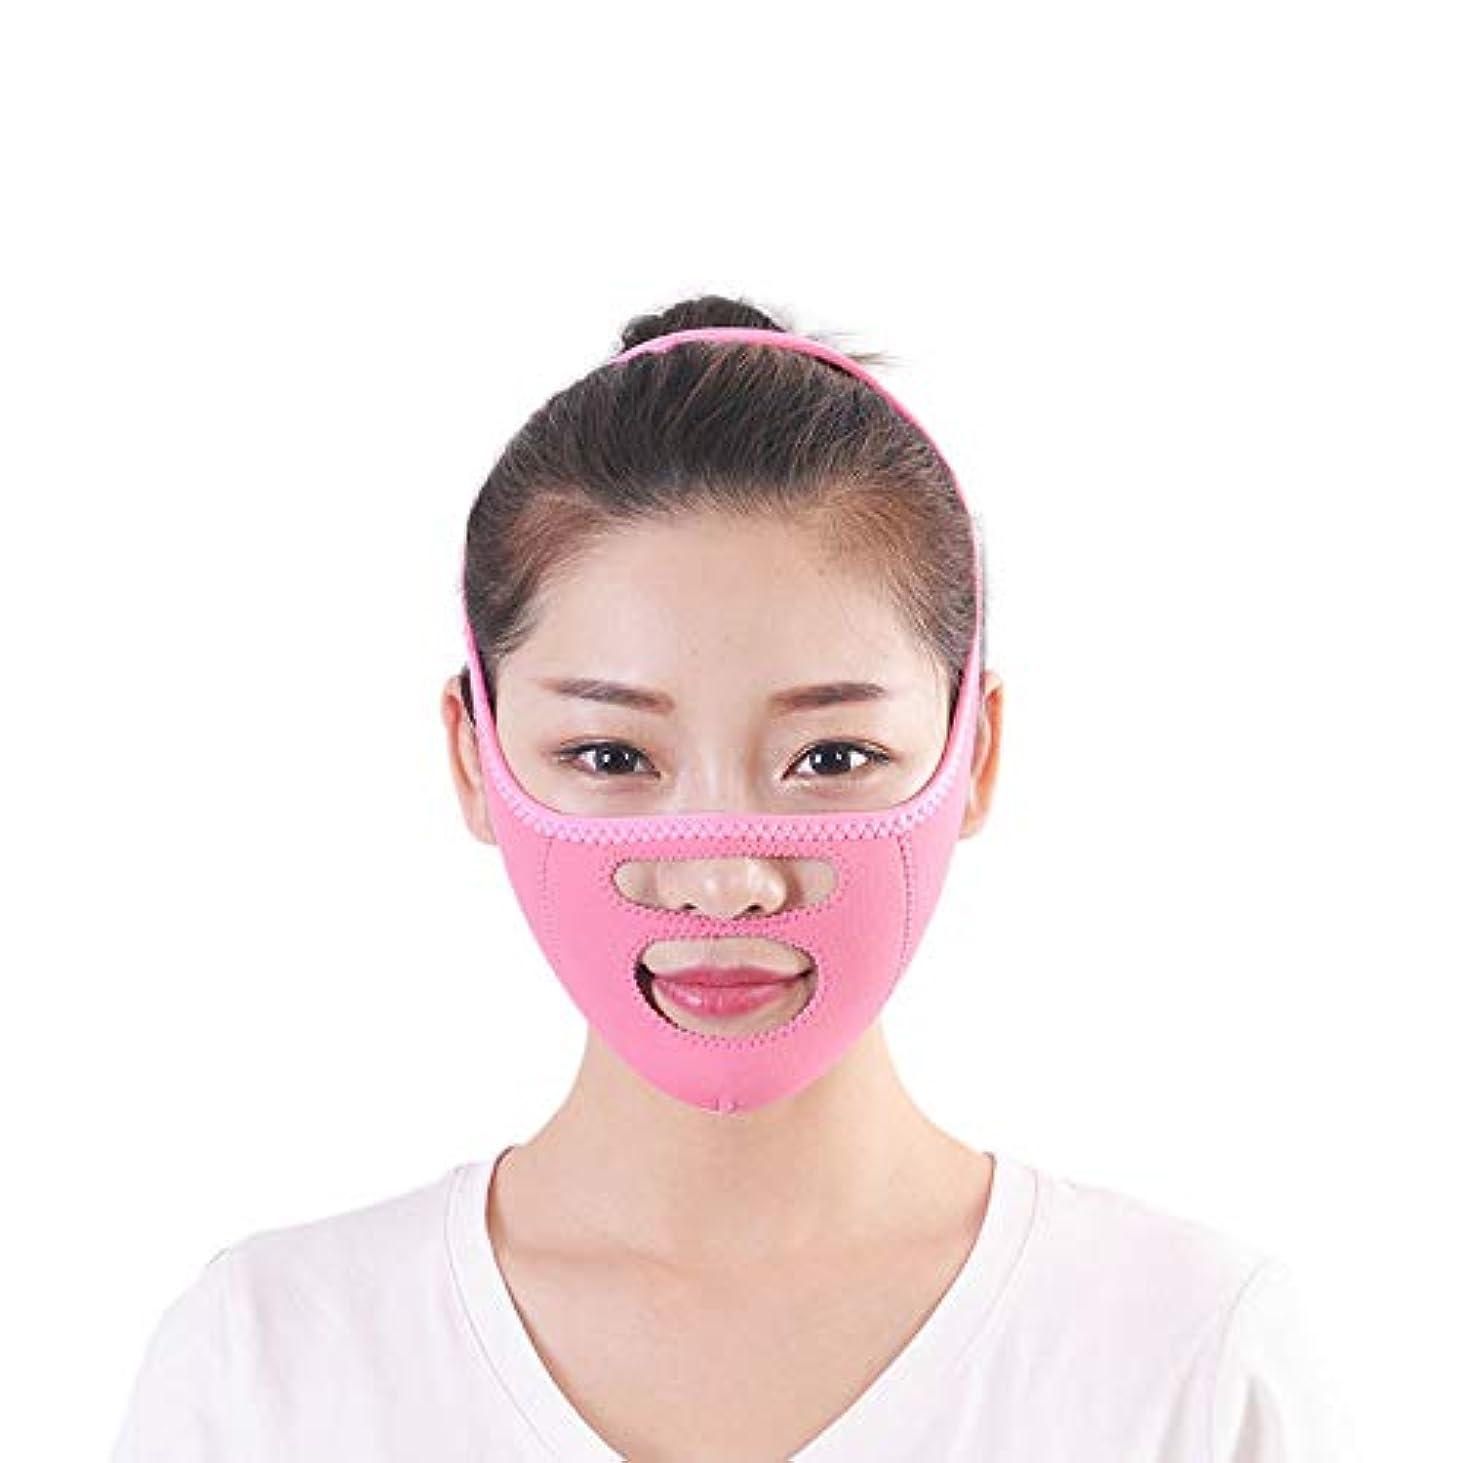 吐く急いでエレクトロニック二重あごの顔の減量の緩和を改善するためのフェイスリフティングアーチファクトマスク、ビームフェイス包帯/小型Vフェイスリフティングタイト補正,Blue